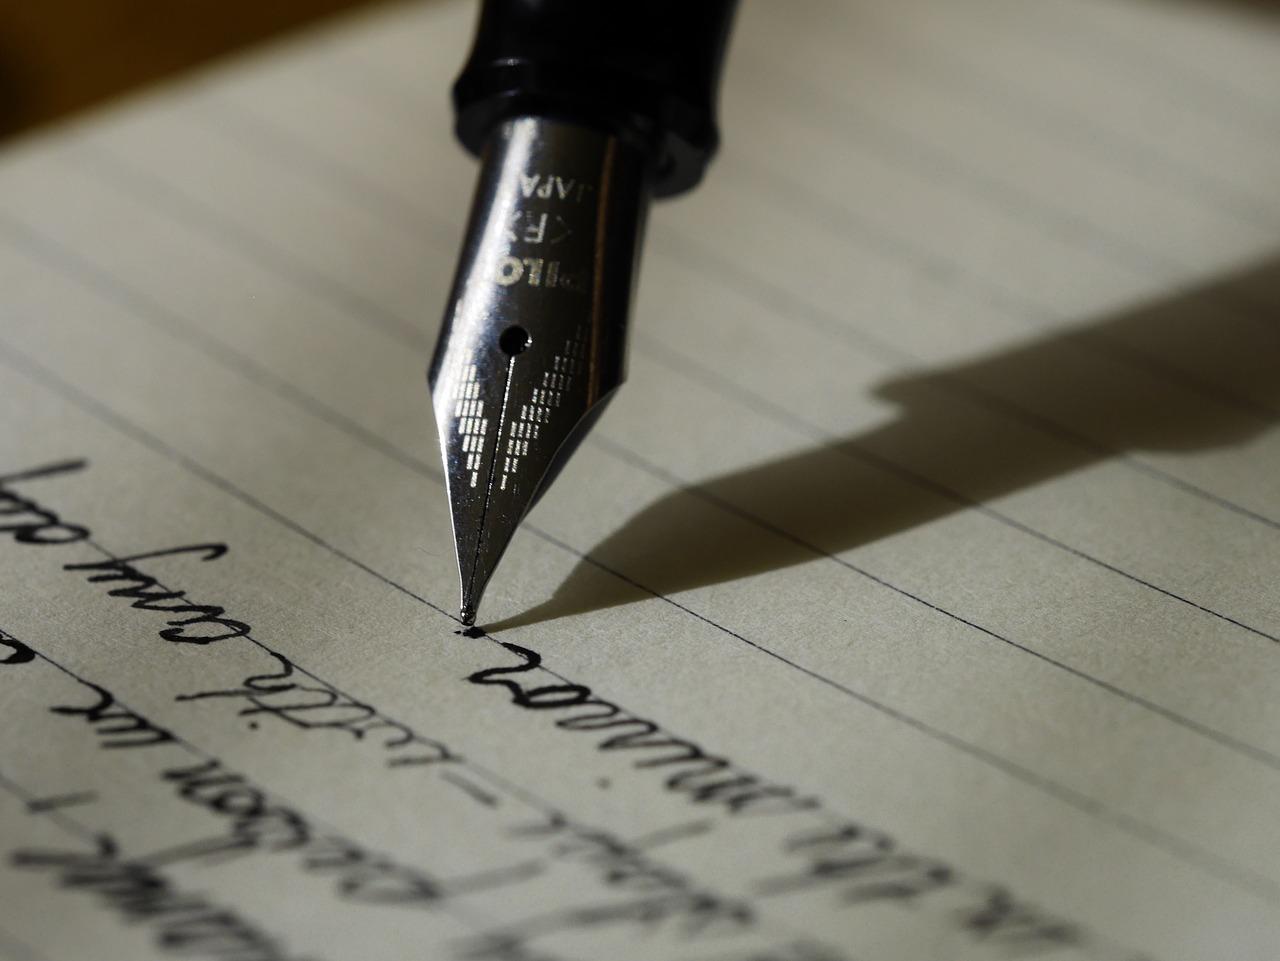 ライティングで早く書く5つのコツ【1時間で2000字書けます】